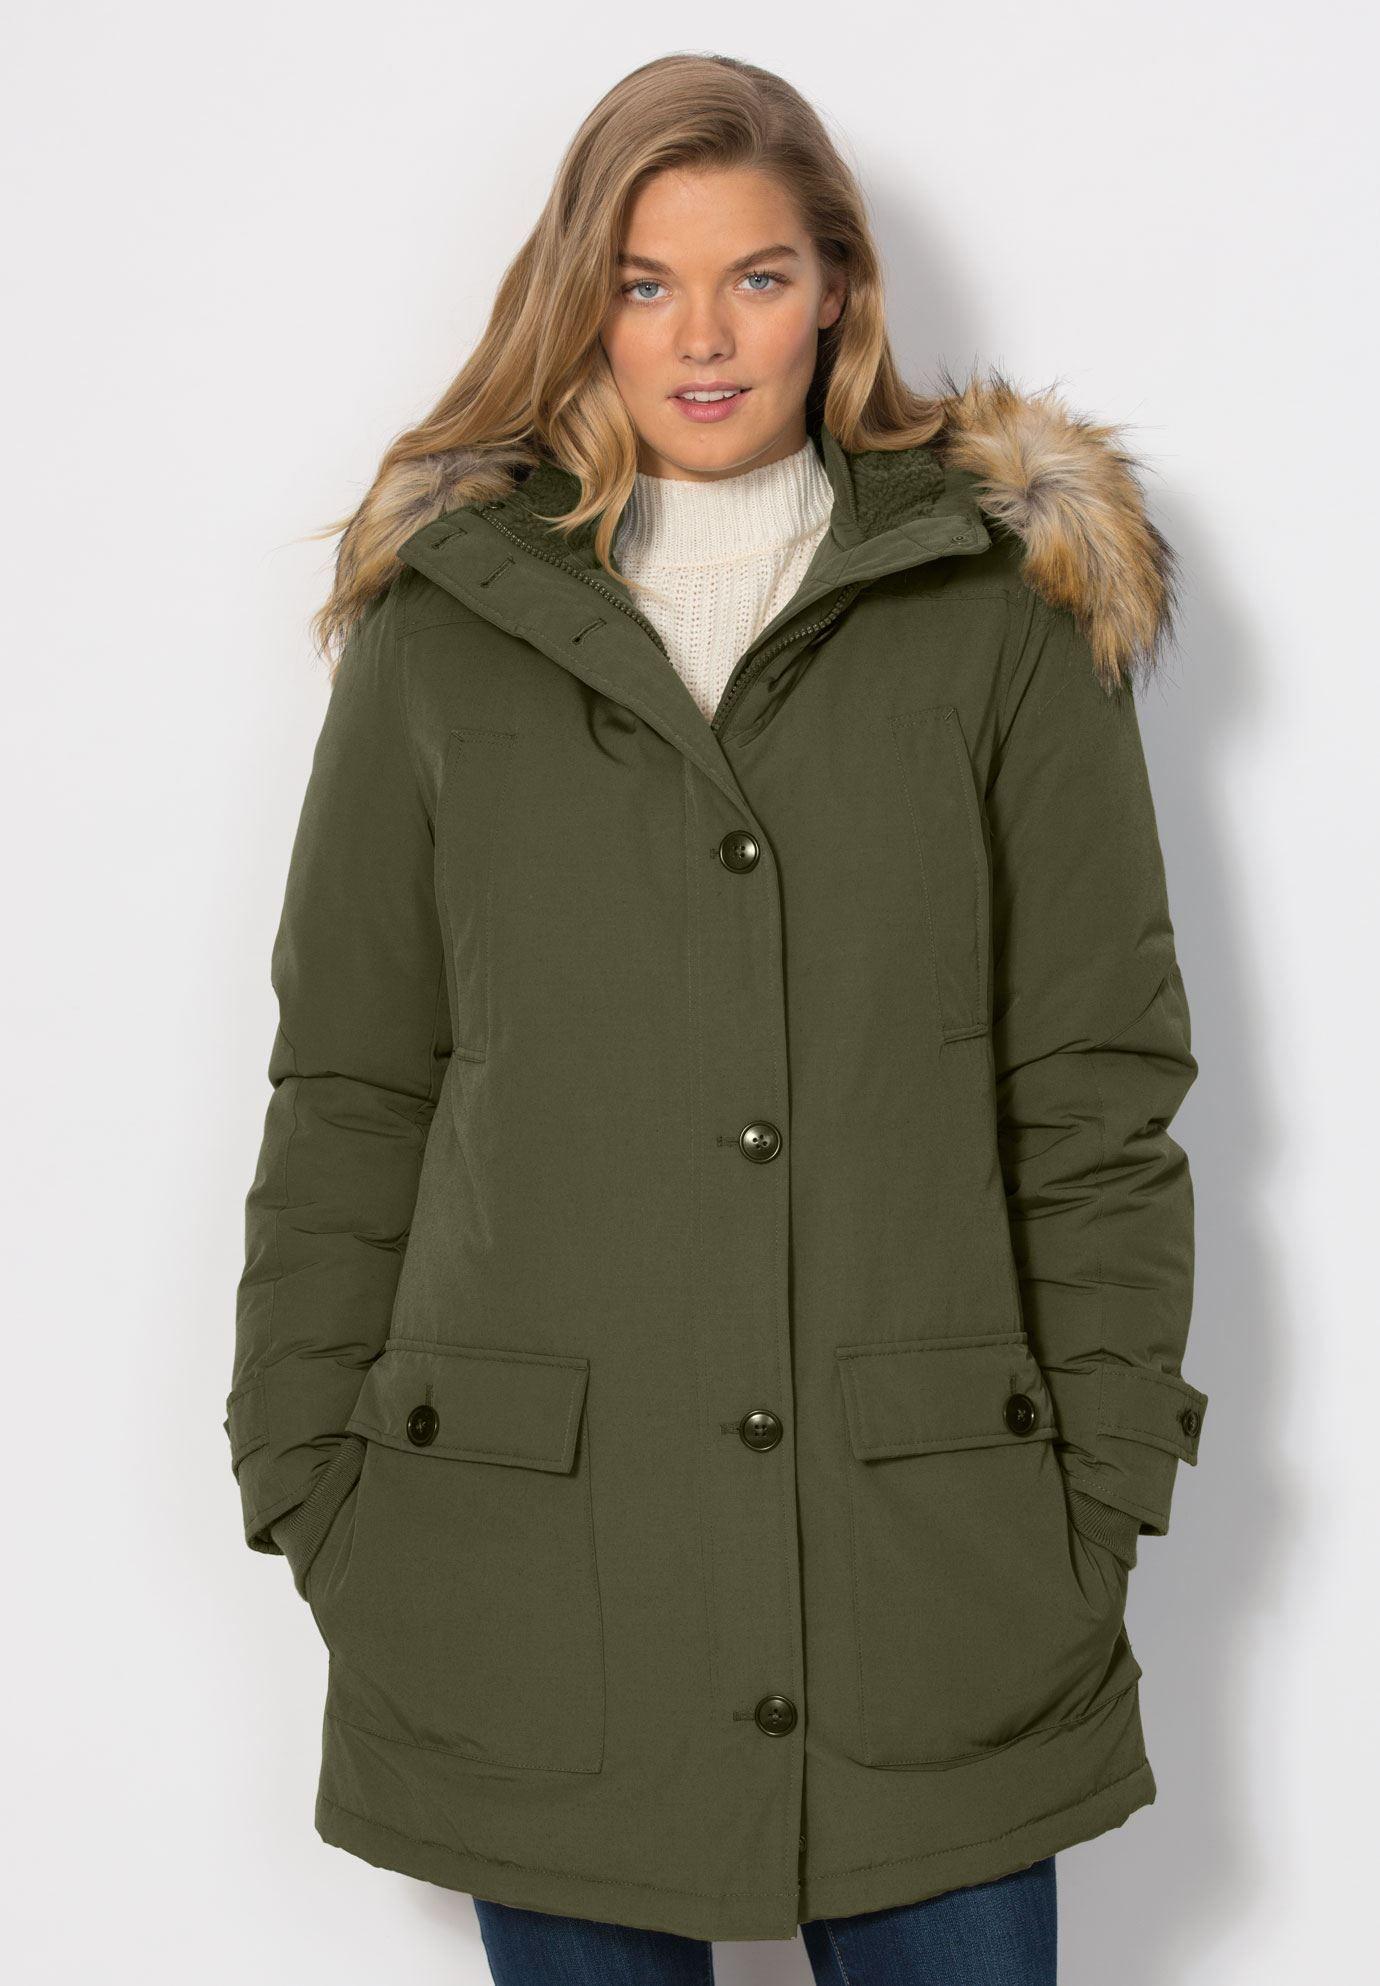 43d67842a34 Tommy Hilfiger Plus Size Faux-Fur-Trimmed Down Maxi Puffer Coat - Black 2X